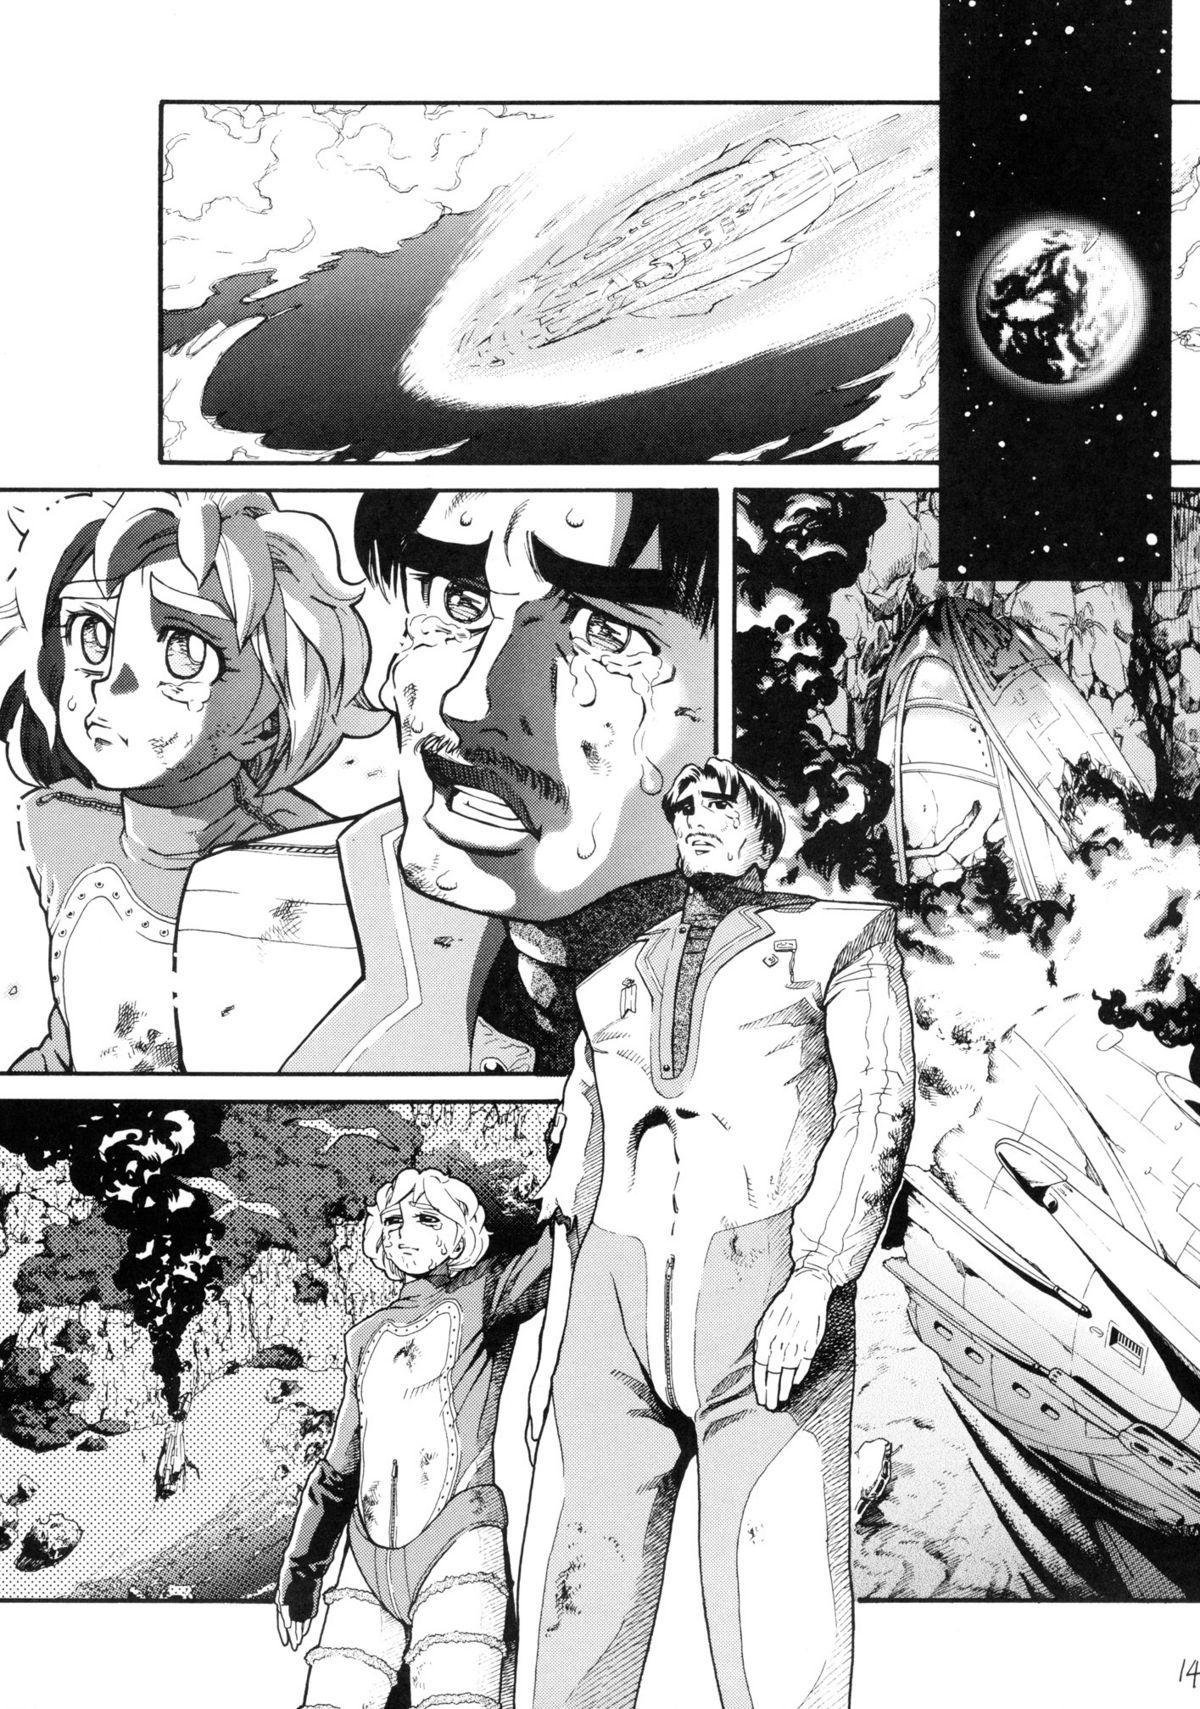 Hatch & Zukki no Sekai Meisaku Gekijou 5 13